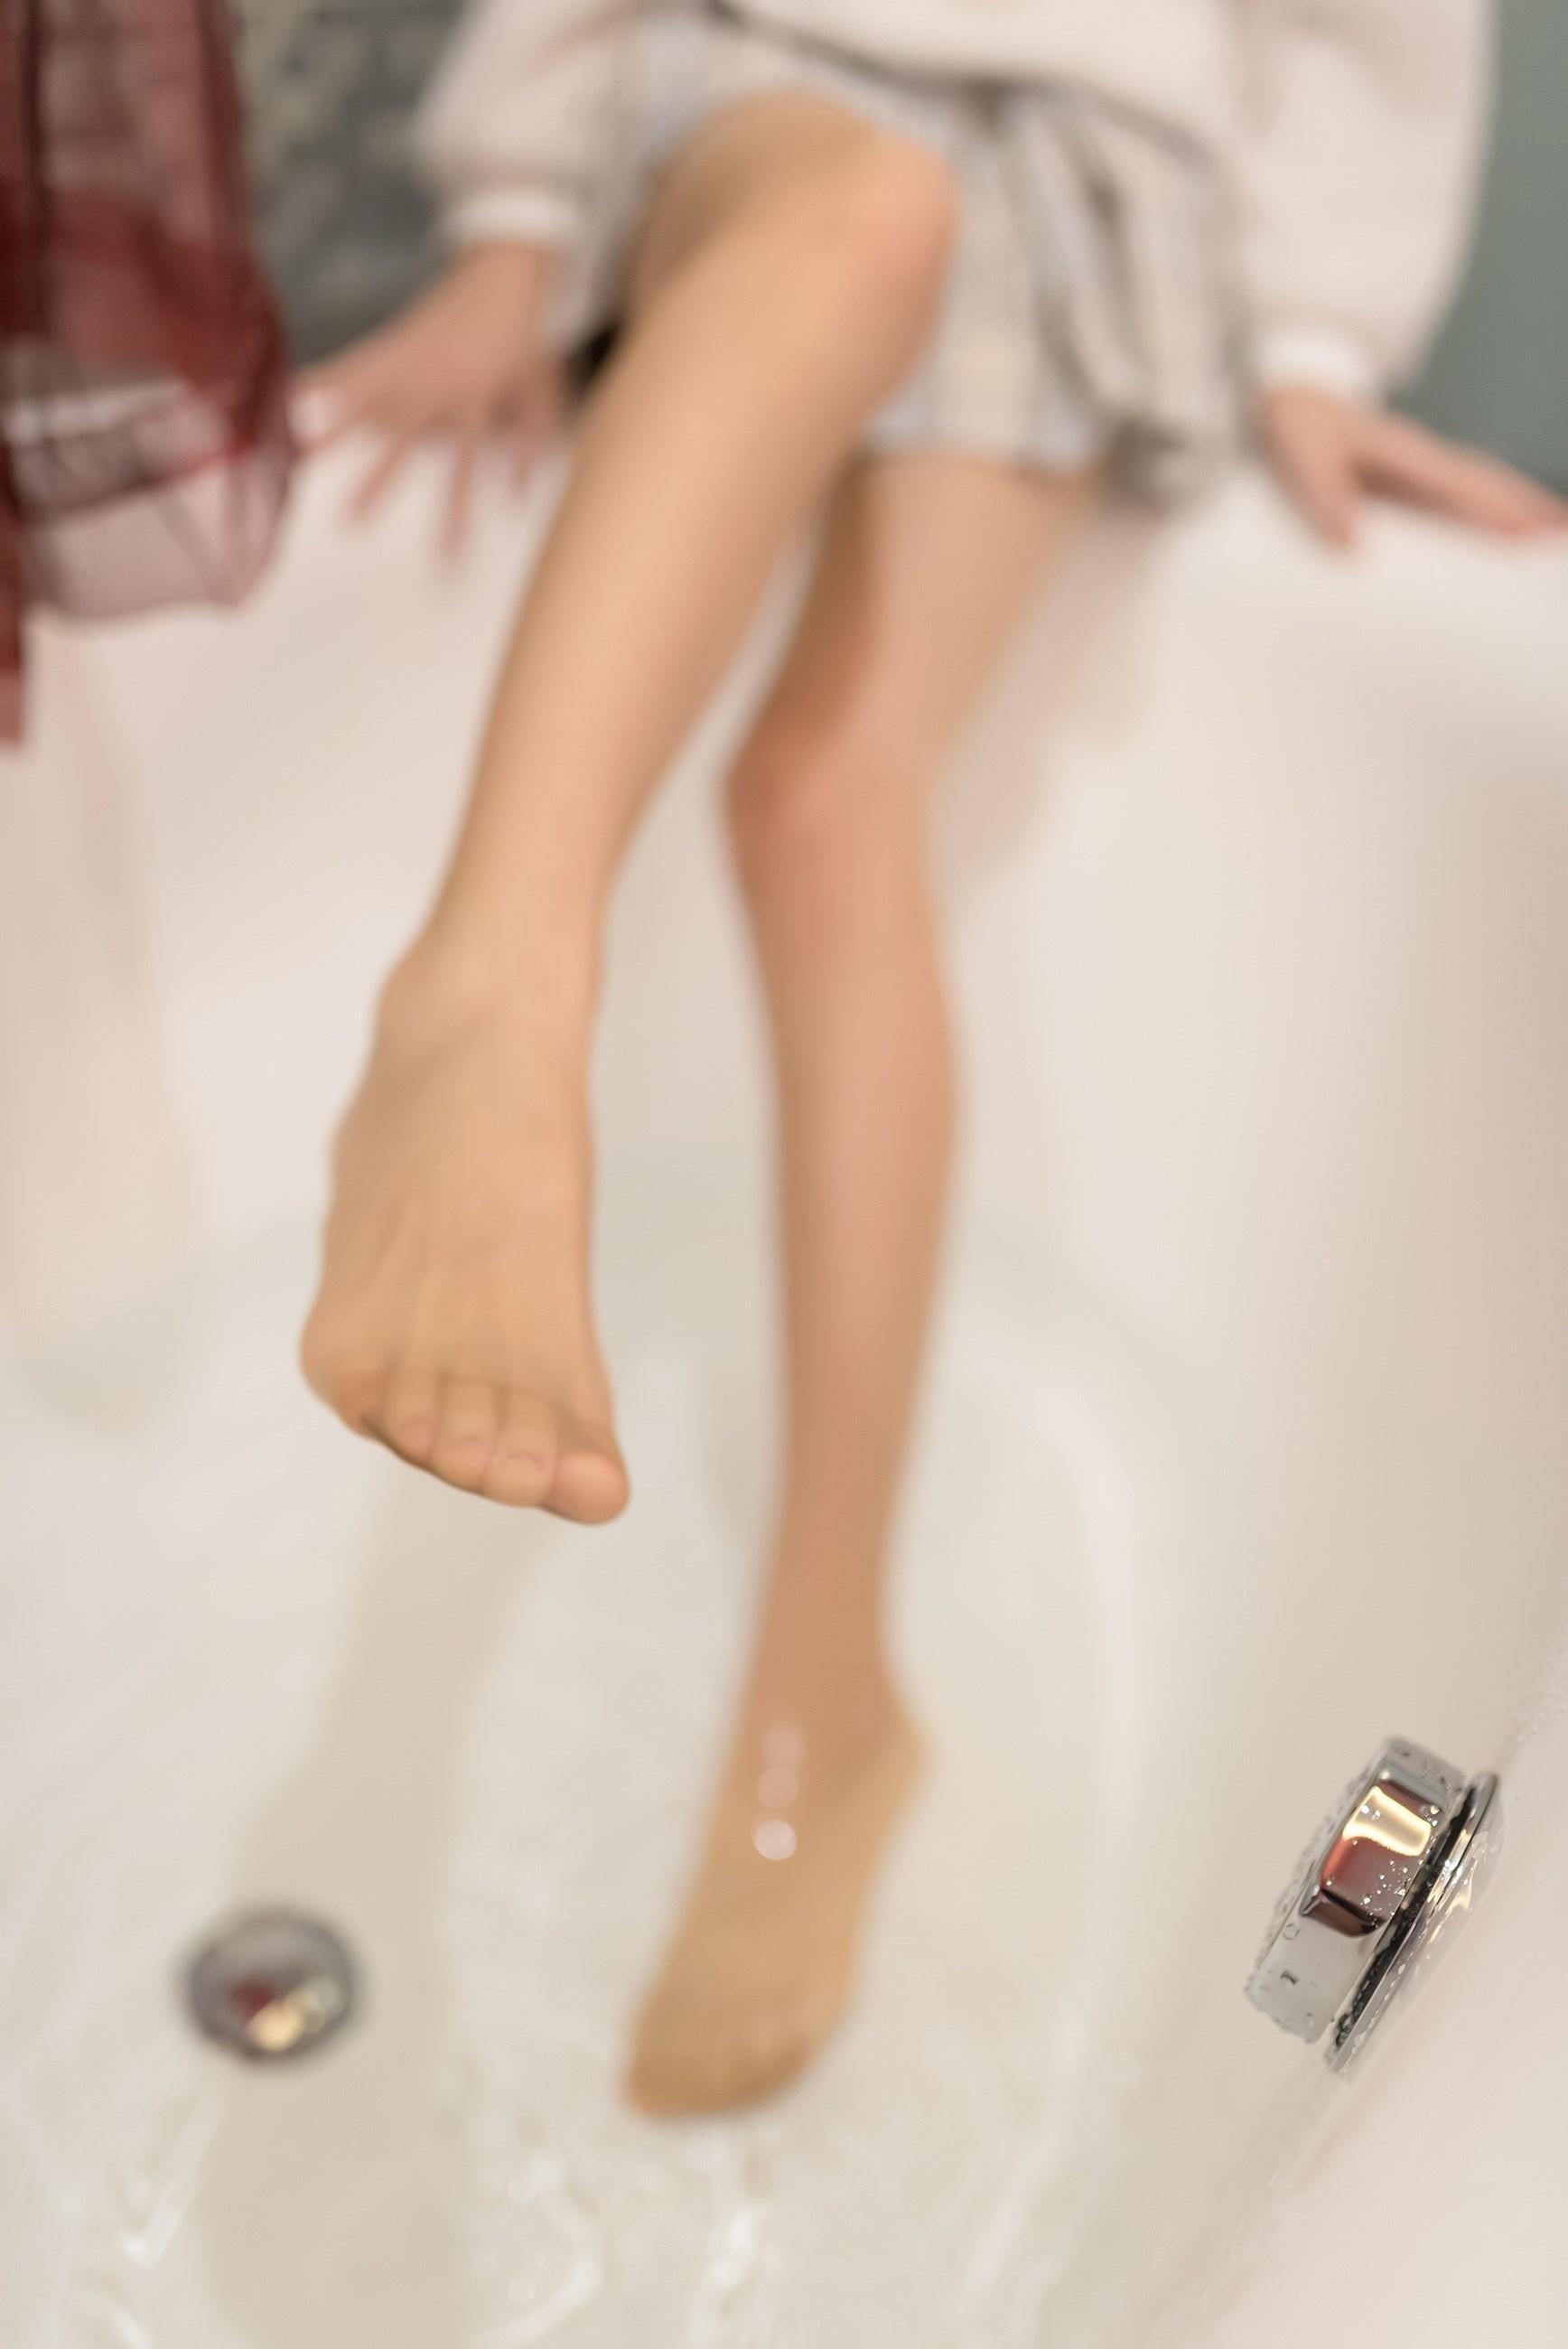 【兔玩映画】浴缸里的肉丝 兔玩映画 第29张